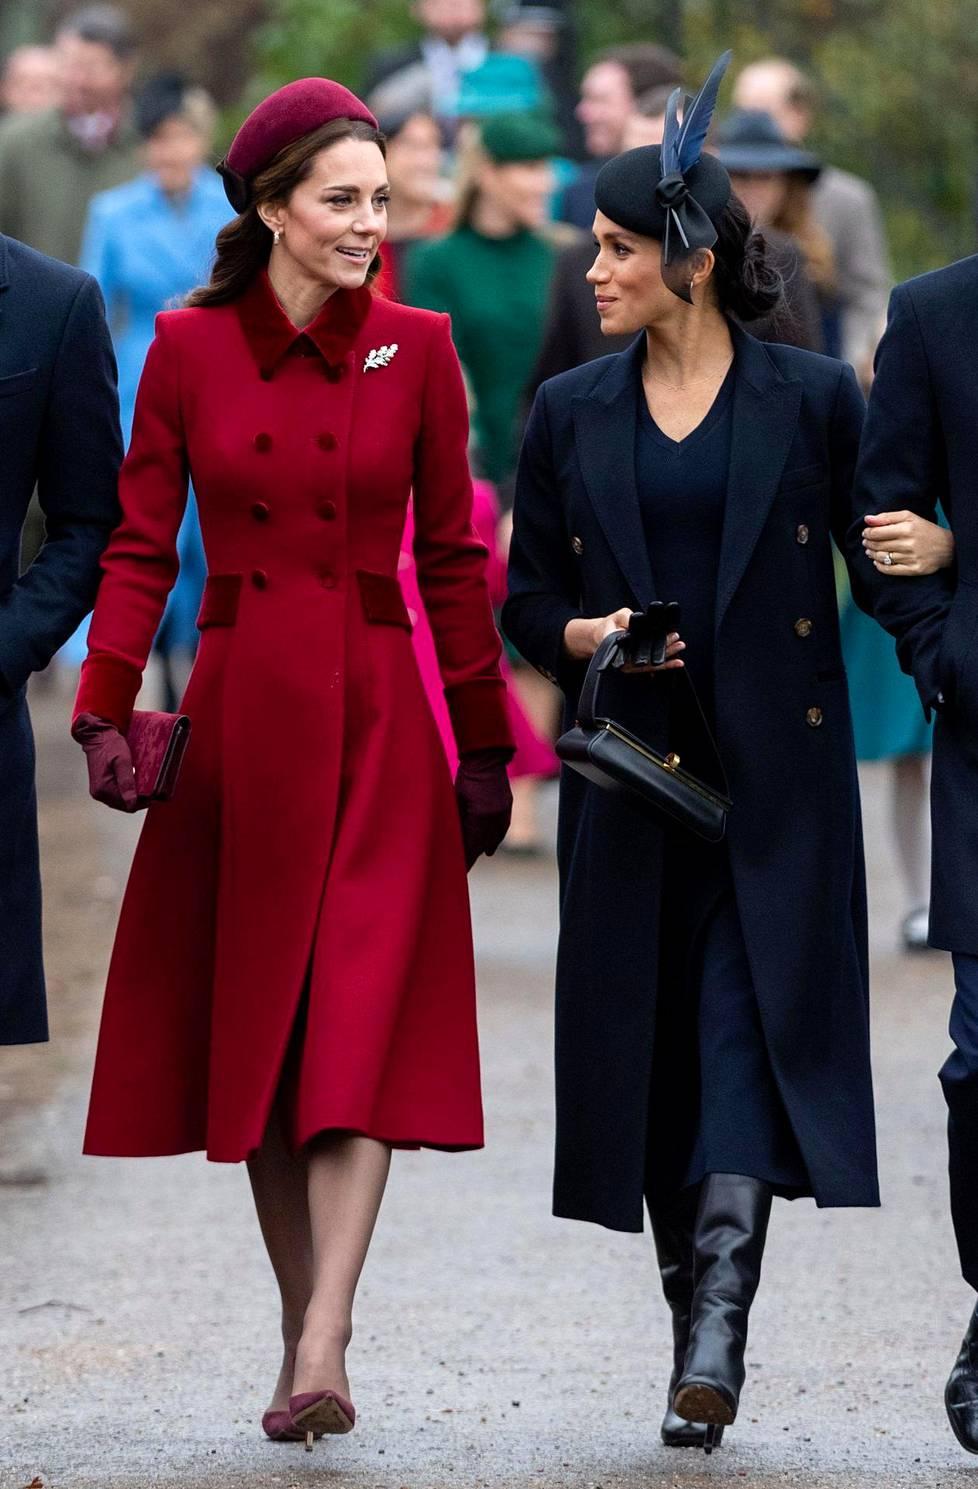 Herttuataret Cathrine ja Meghan saapuivat viime vuonna joulukirkkoon.